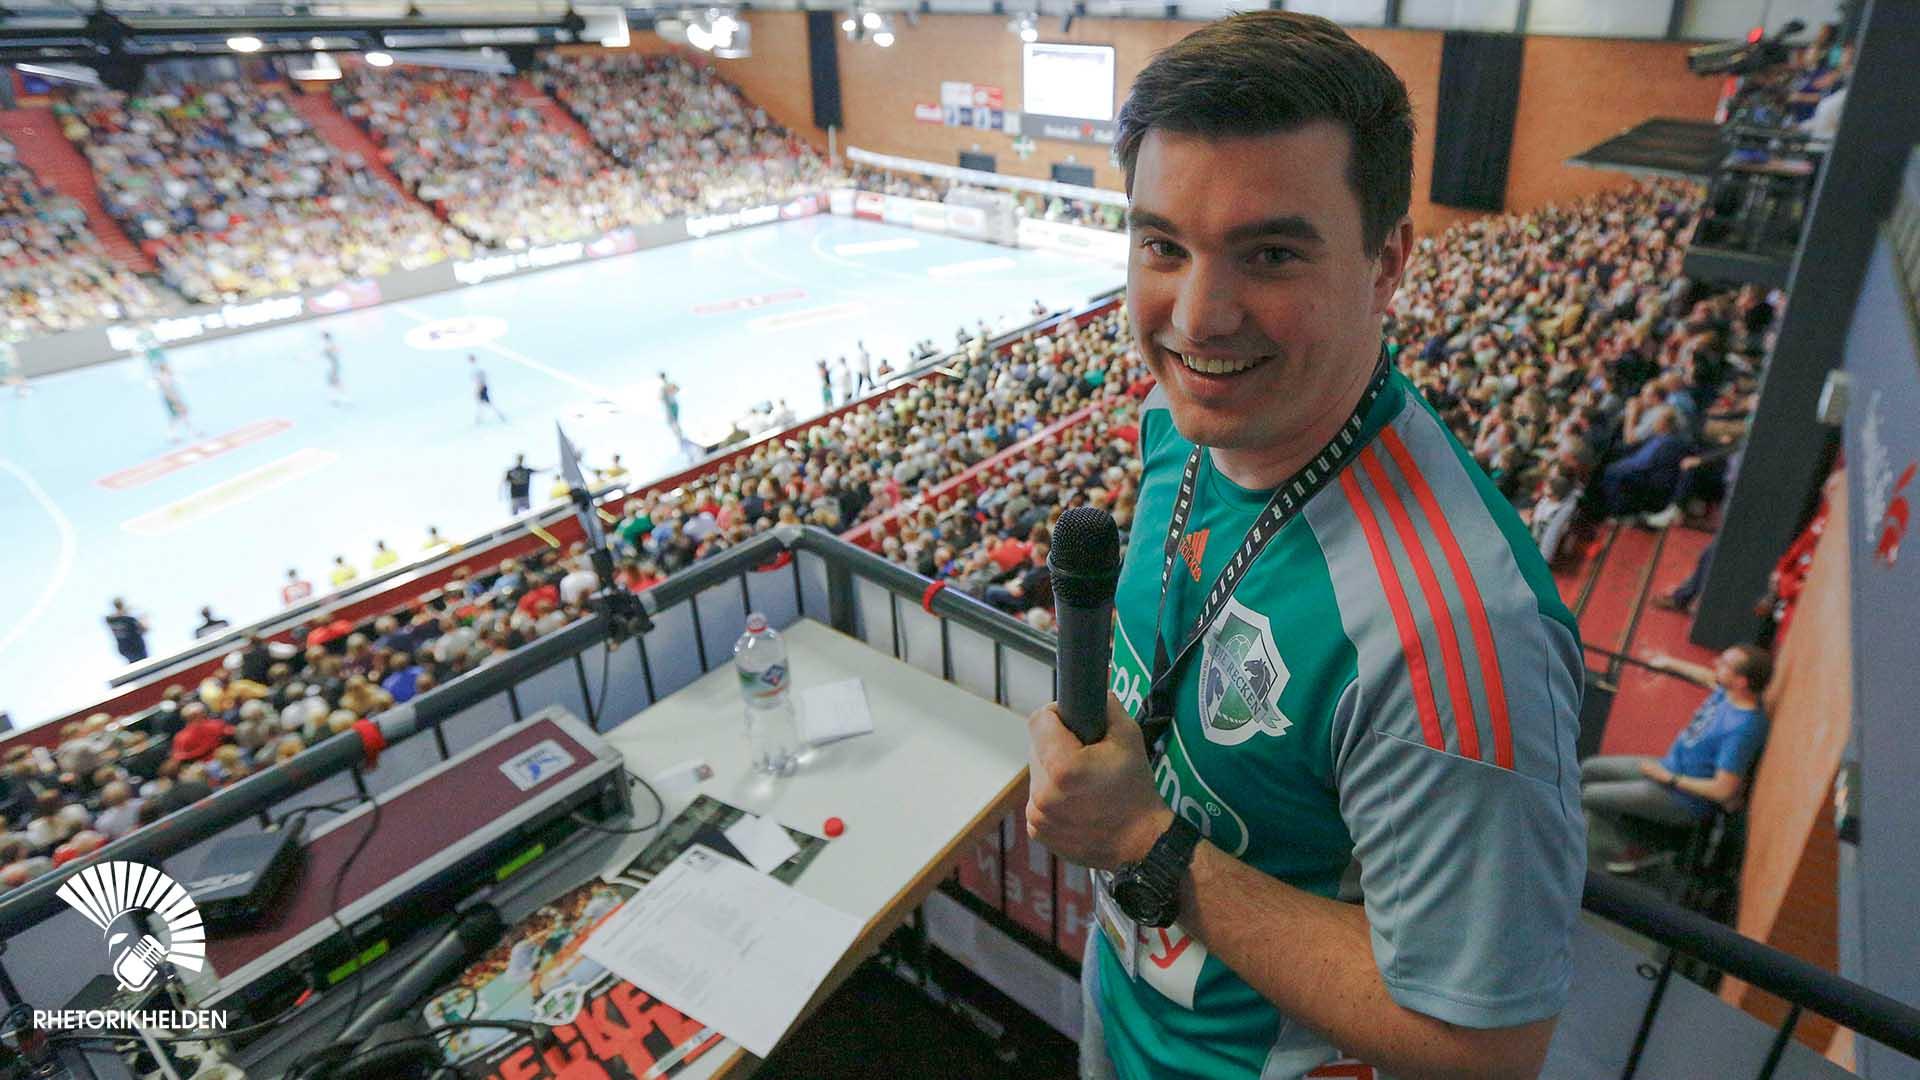 Sport-Moderator in Nürnberg gesucht - Tim Christopher Gasse buchen